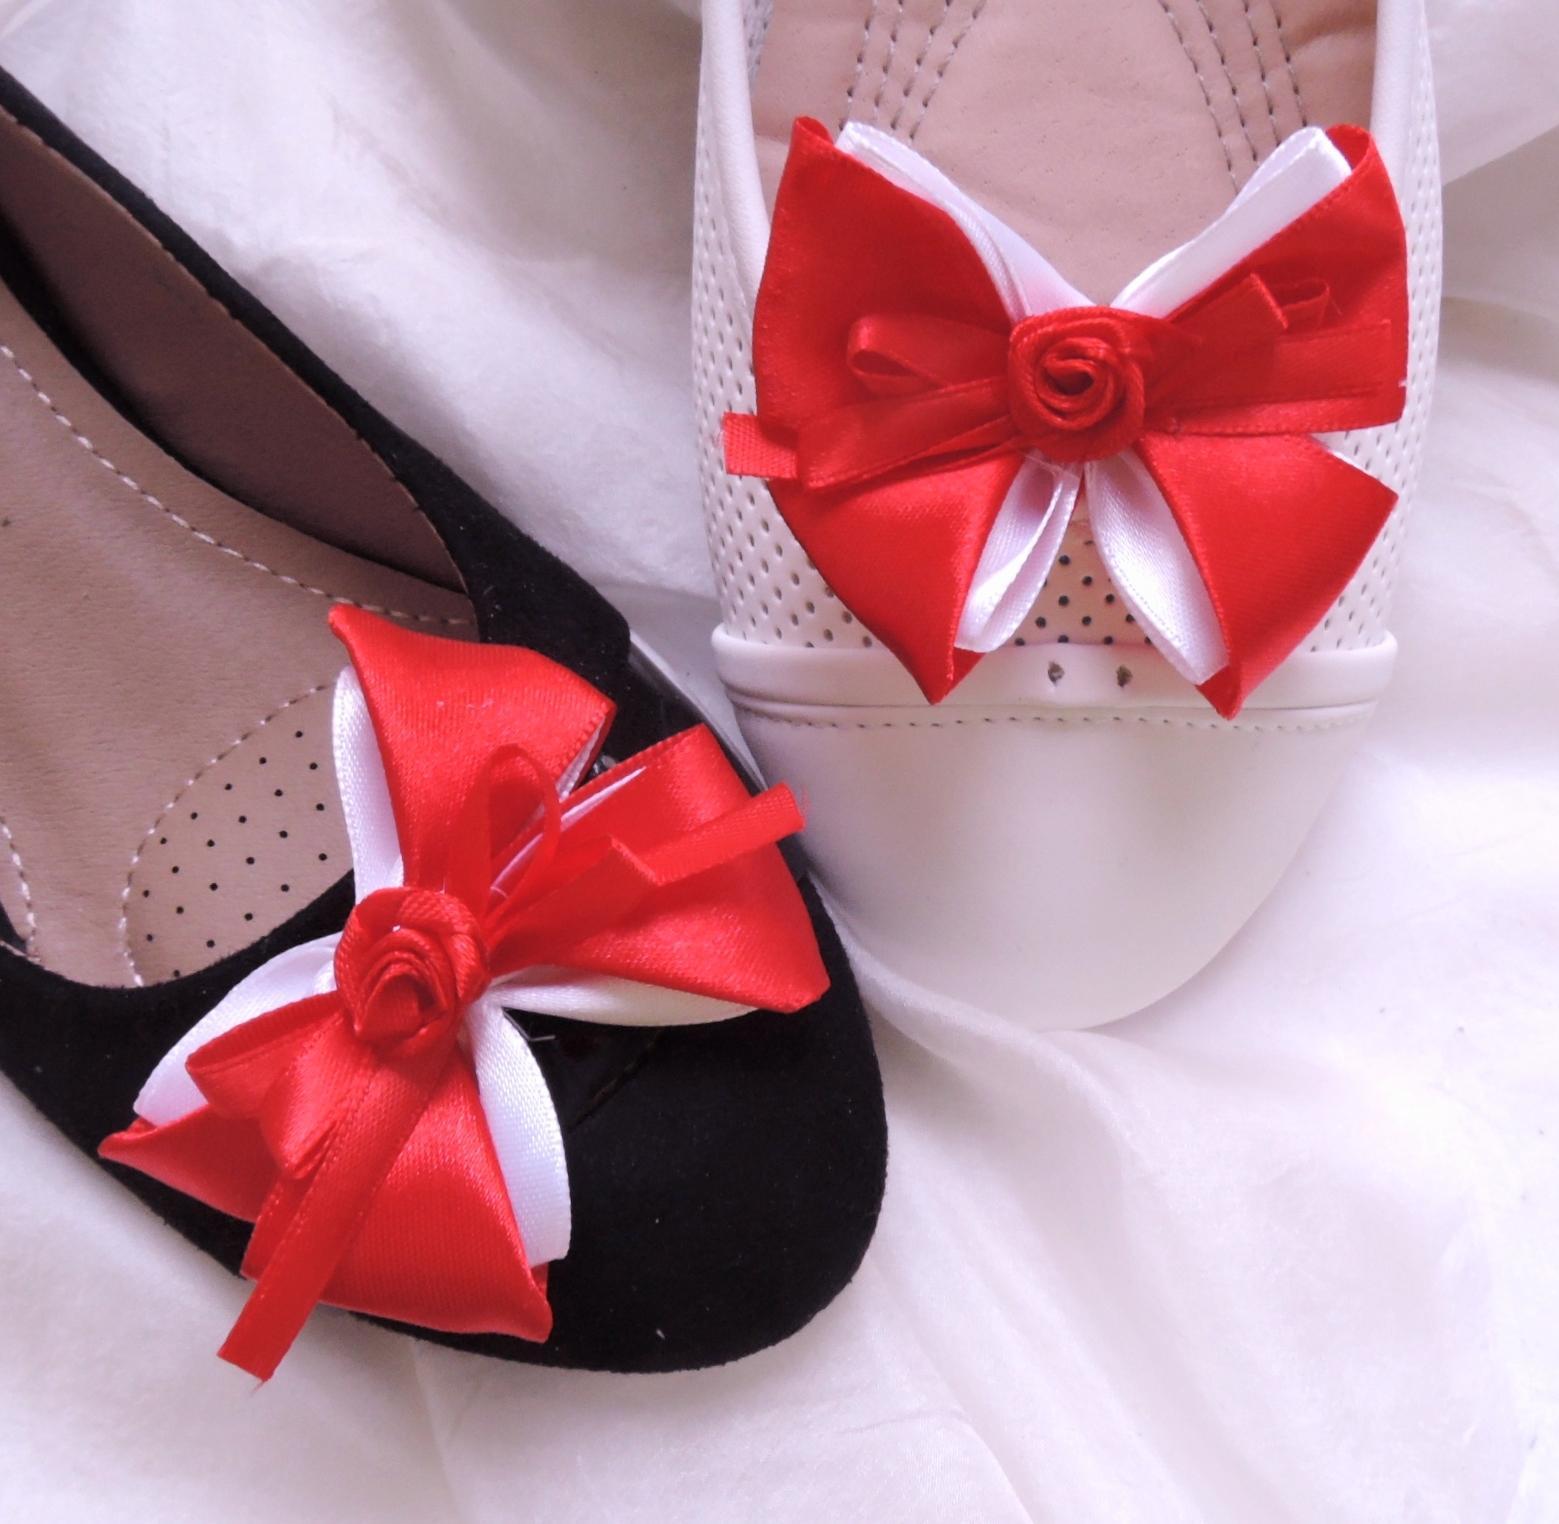 klipy na boty 1 - Obrázek č. 1